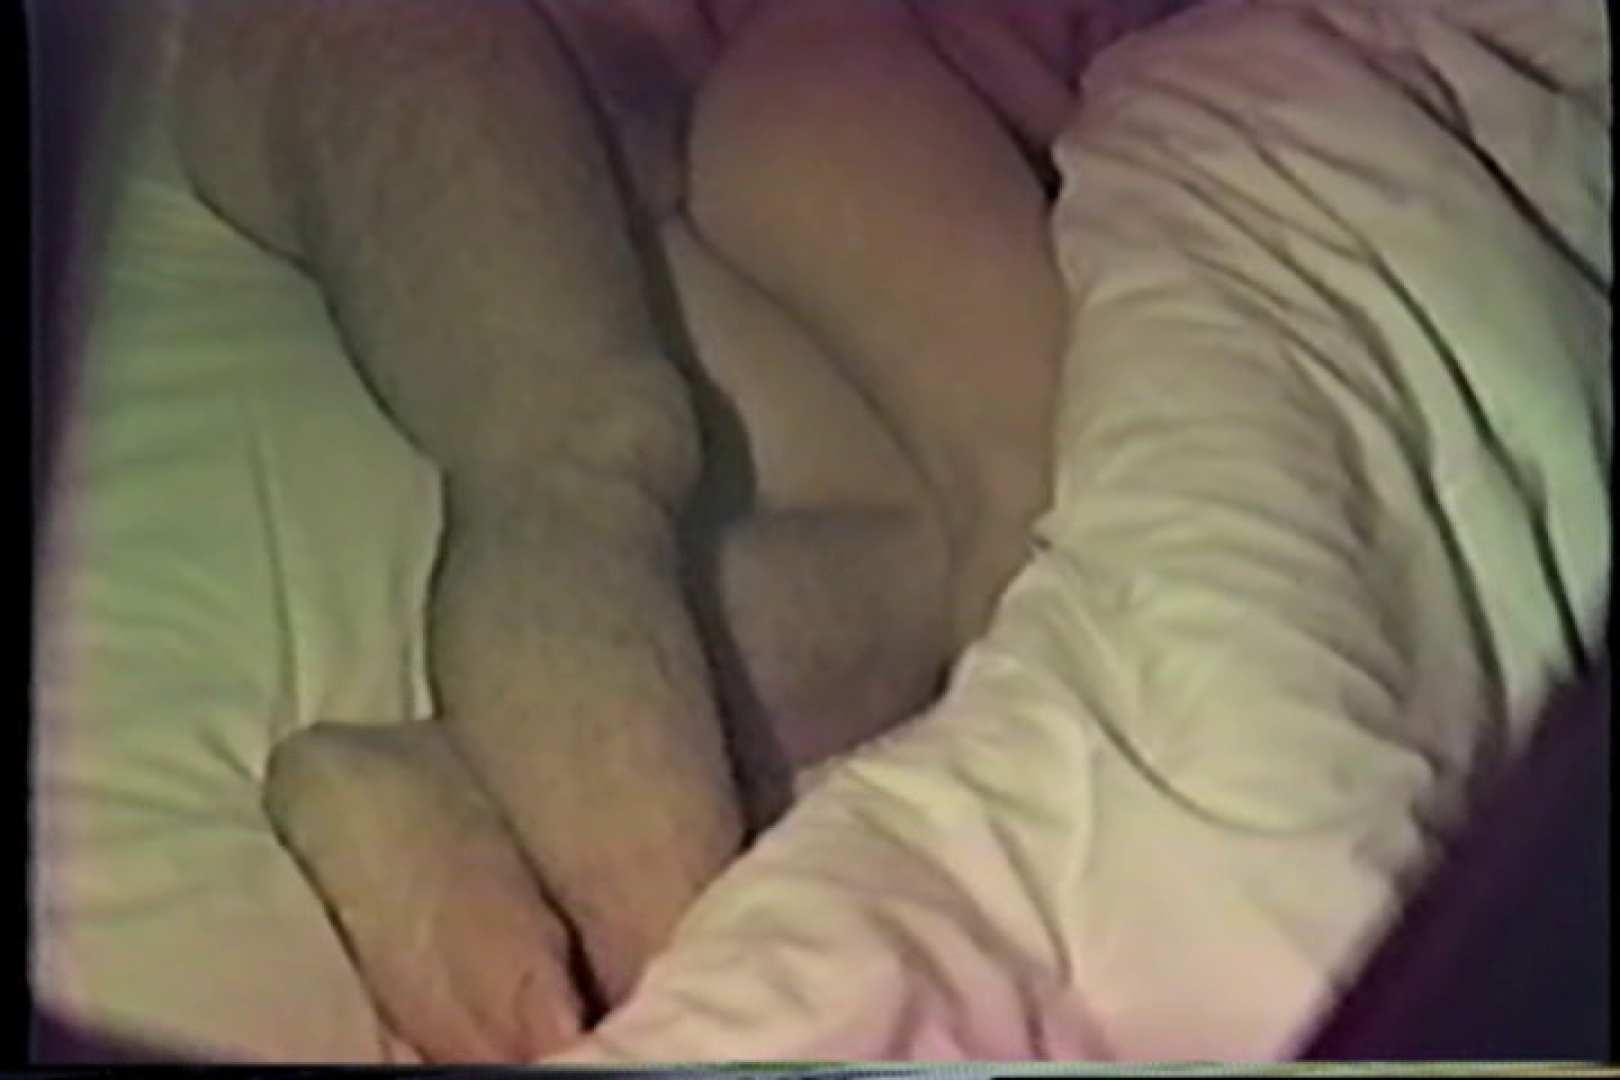 実録!ラブホテル~消し忘れ注意!昭和の色編~ vol.10 カップル覗き ワレメ動画紹介 99枚